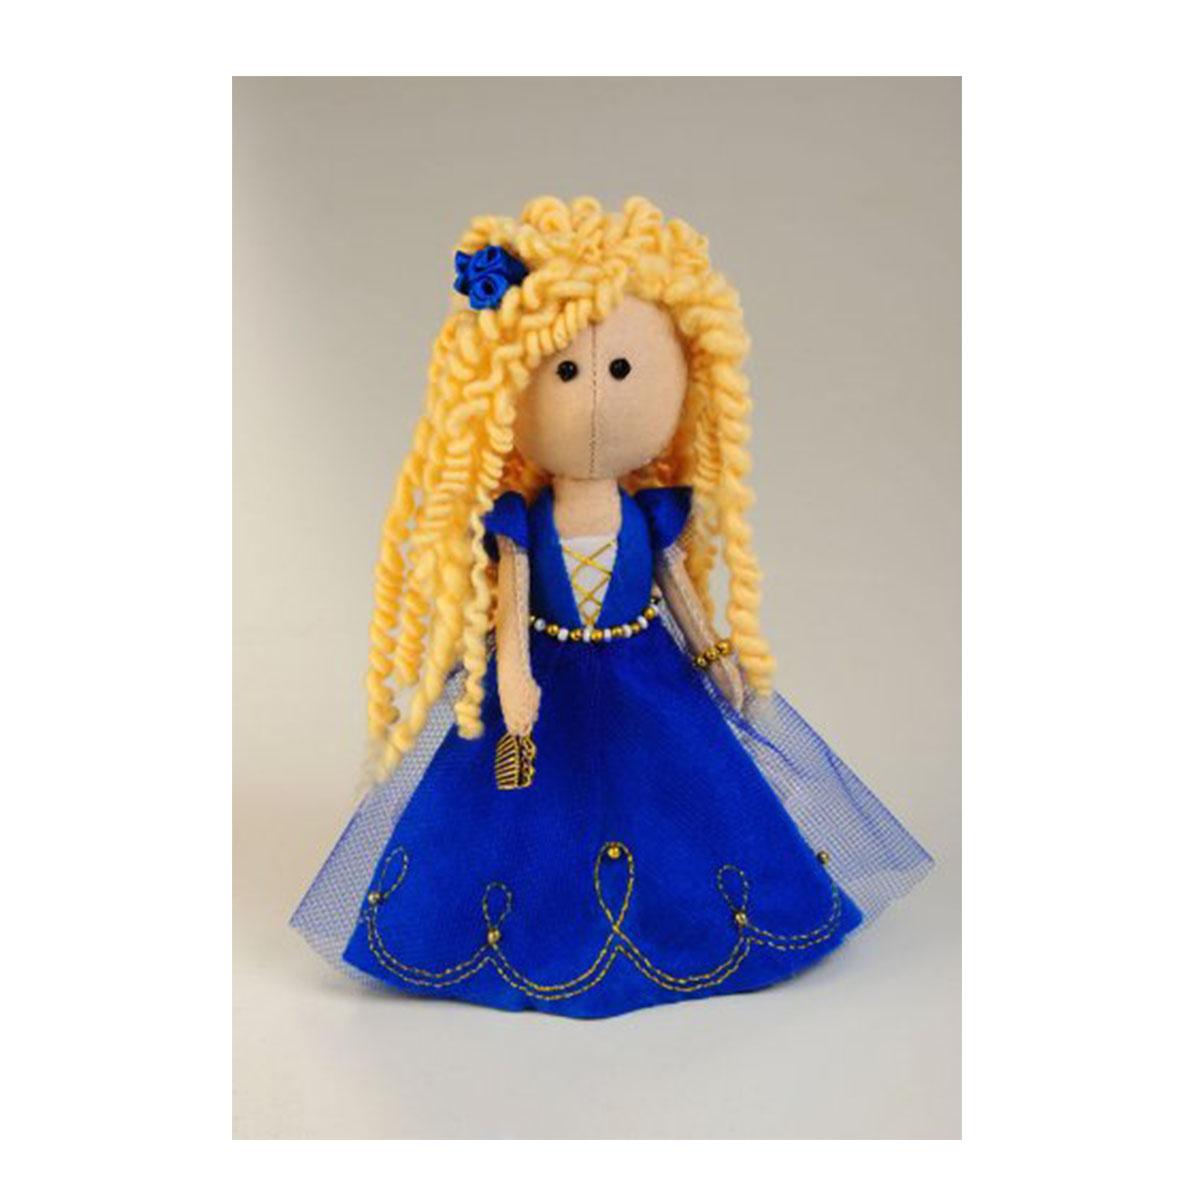 Набор для изготовления игрушки Перловка Златовласка, высота 17 см набор для создания игрушки перловка слоненок фантик высота 19 см